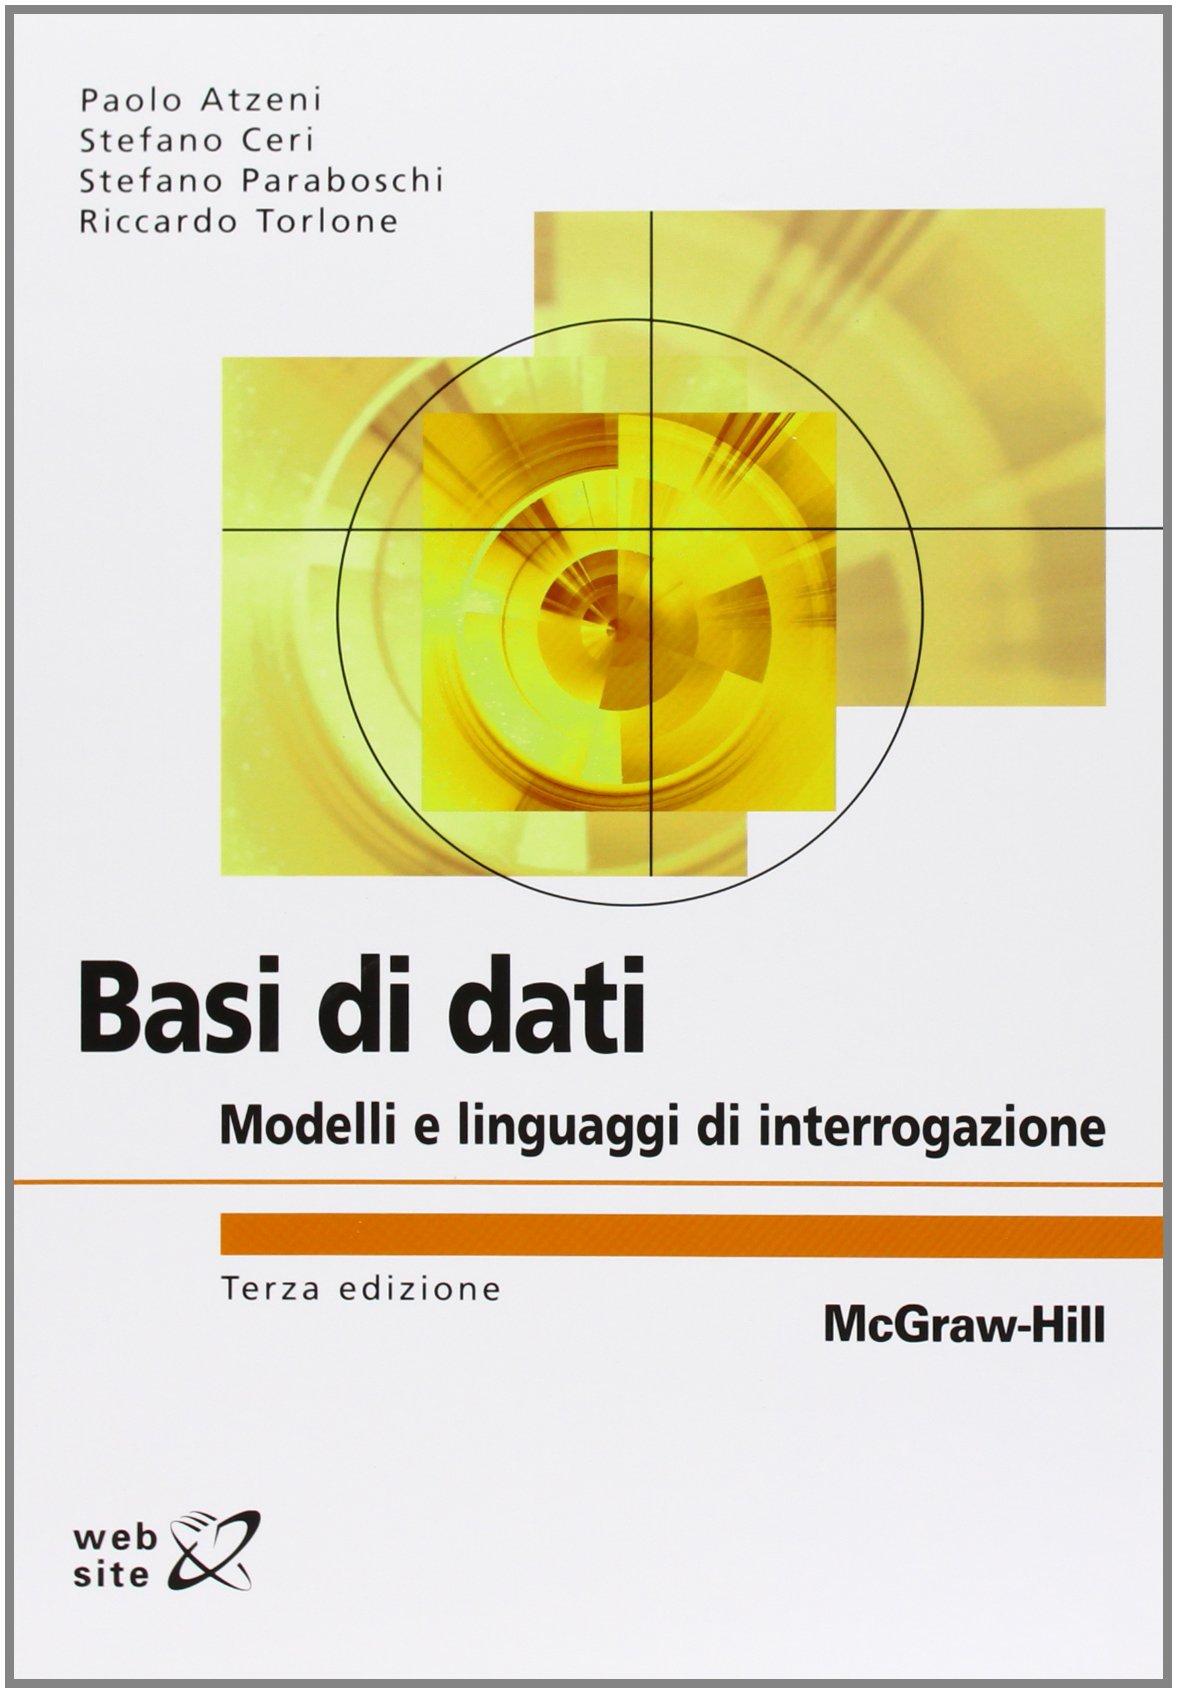 basi di dati modelli e linguaggi di interrogazione atzeni